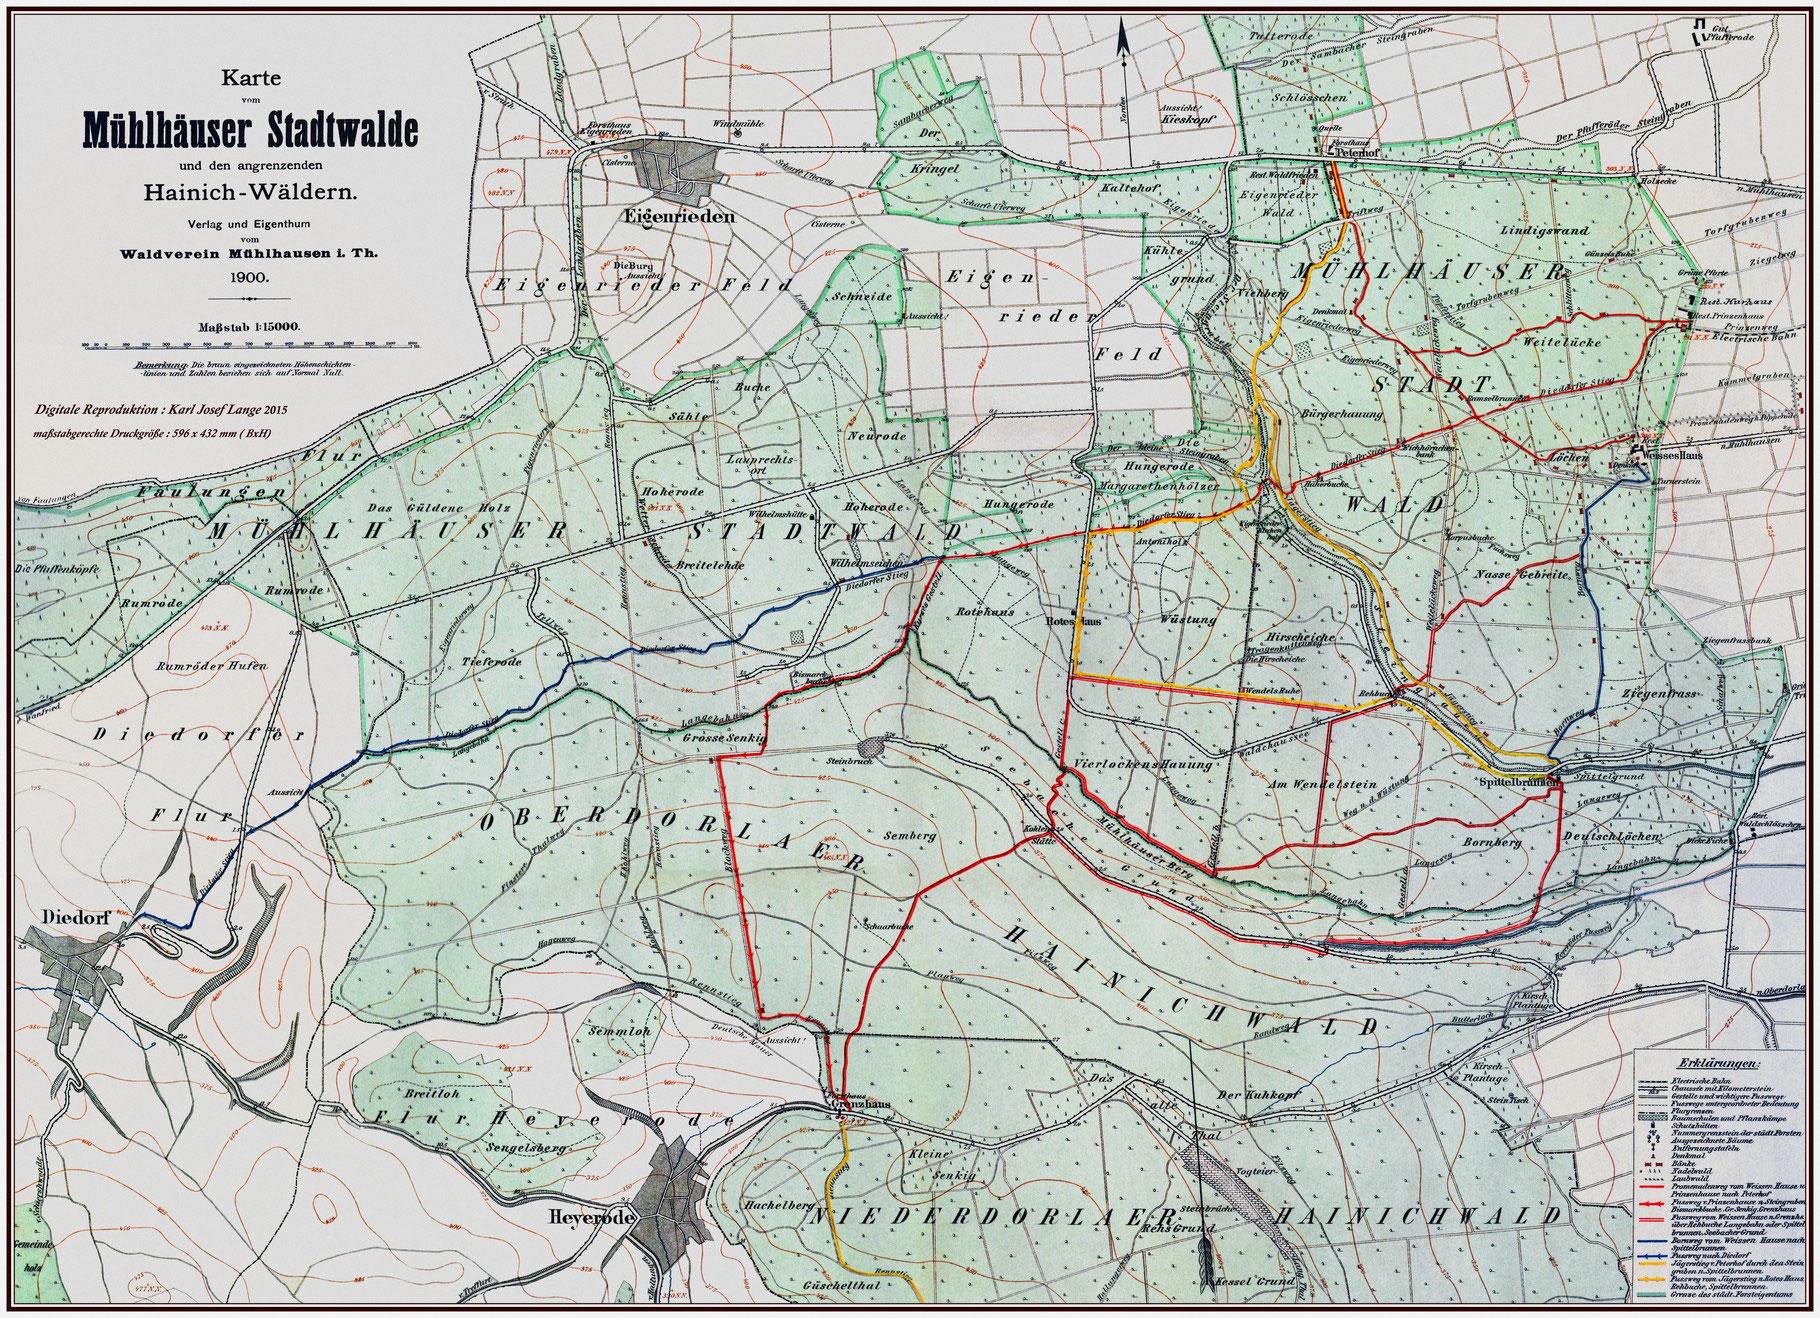 Wanderkarten des Waldverein - waldverein-muehlhausen 1882 e. V.